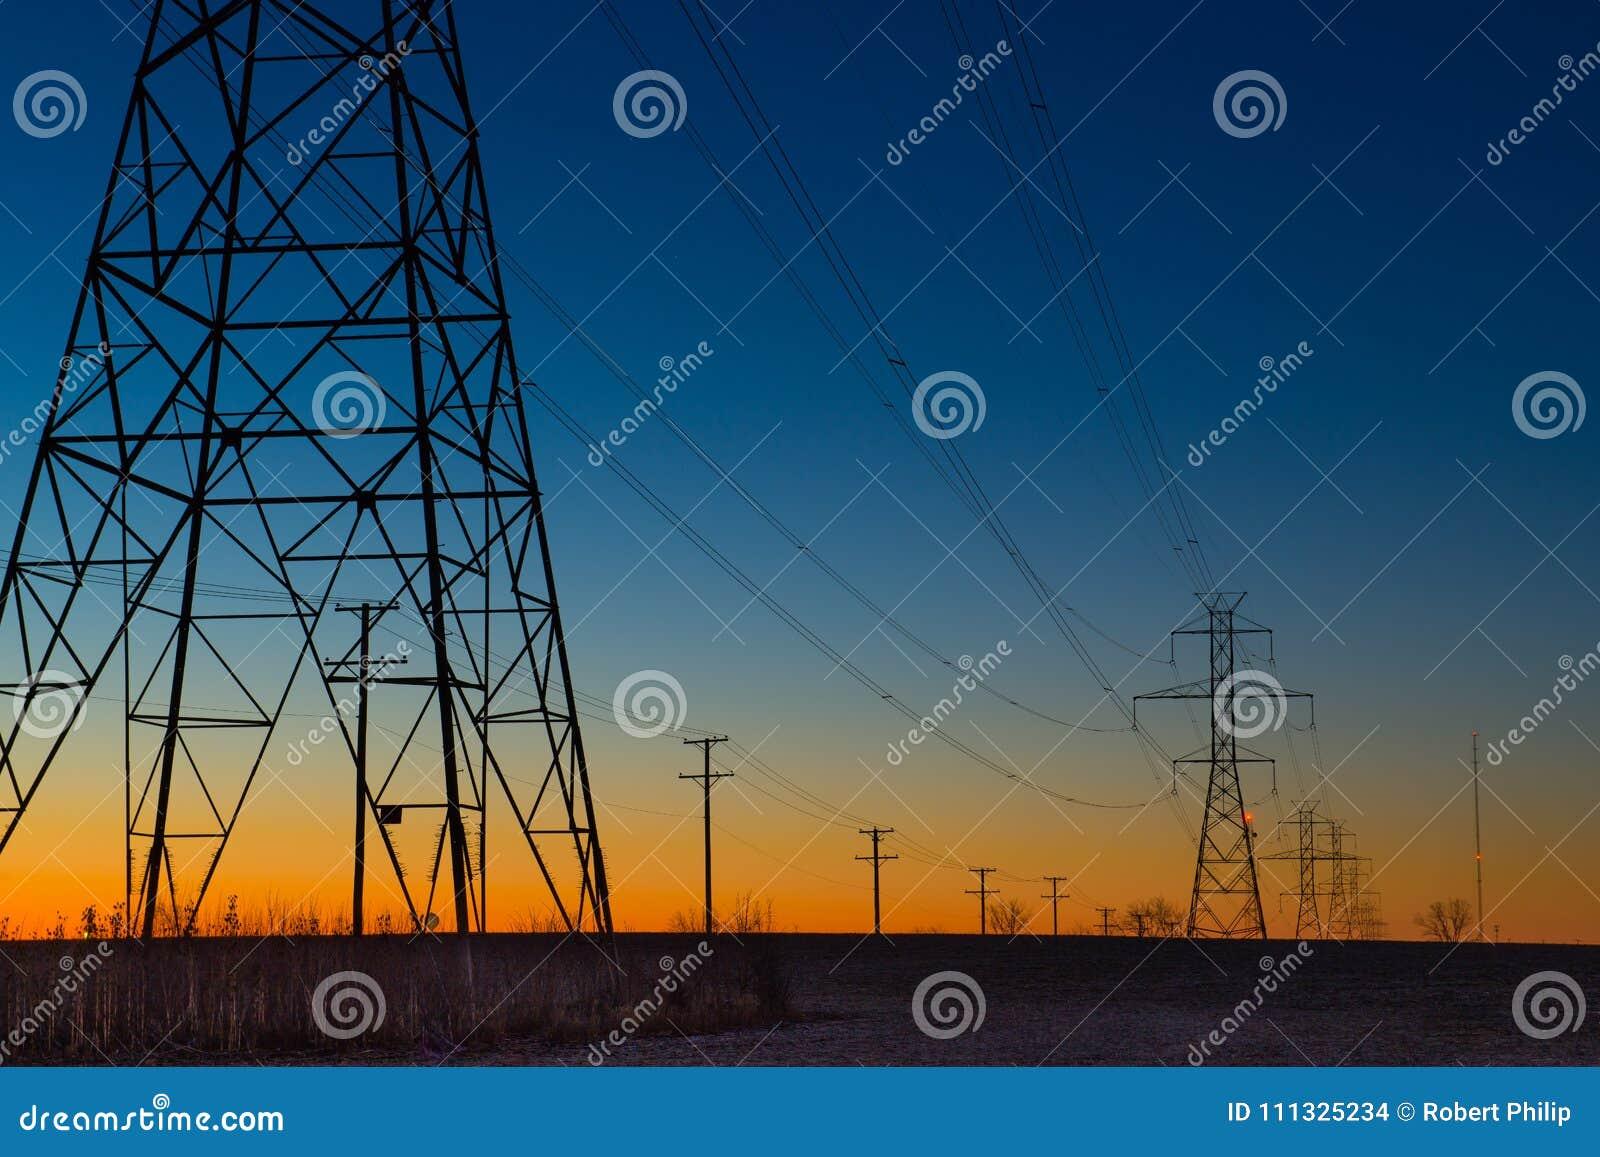 Πύργοι ηλεκτροφόρων καλωδίων κατά τη διάρκεια της μπλε ώρας